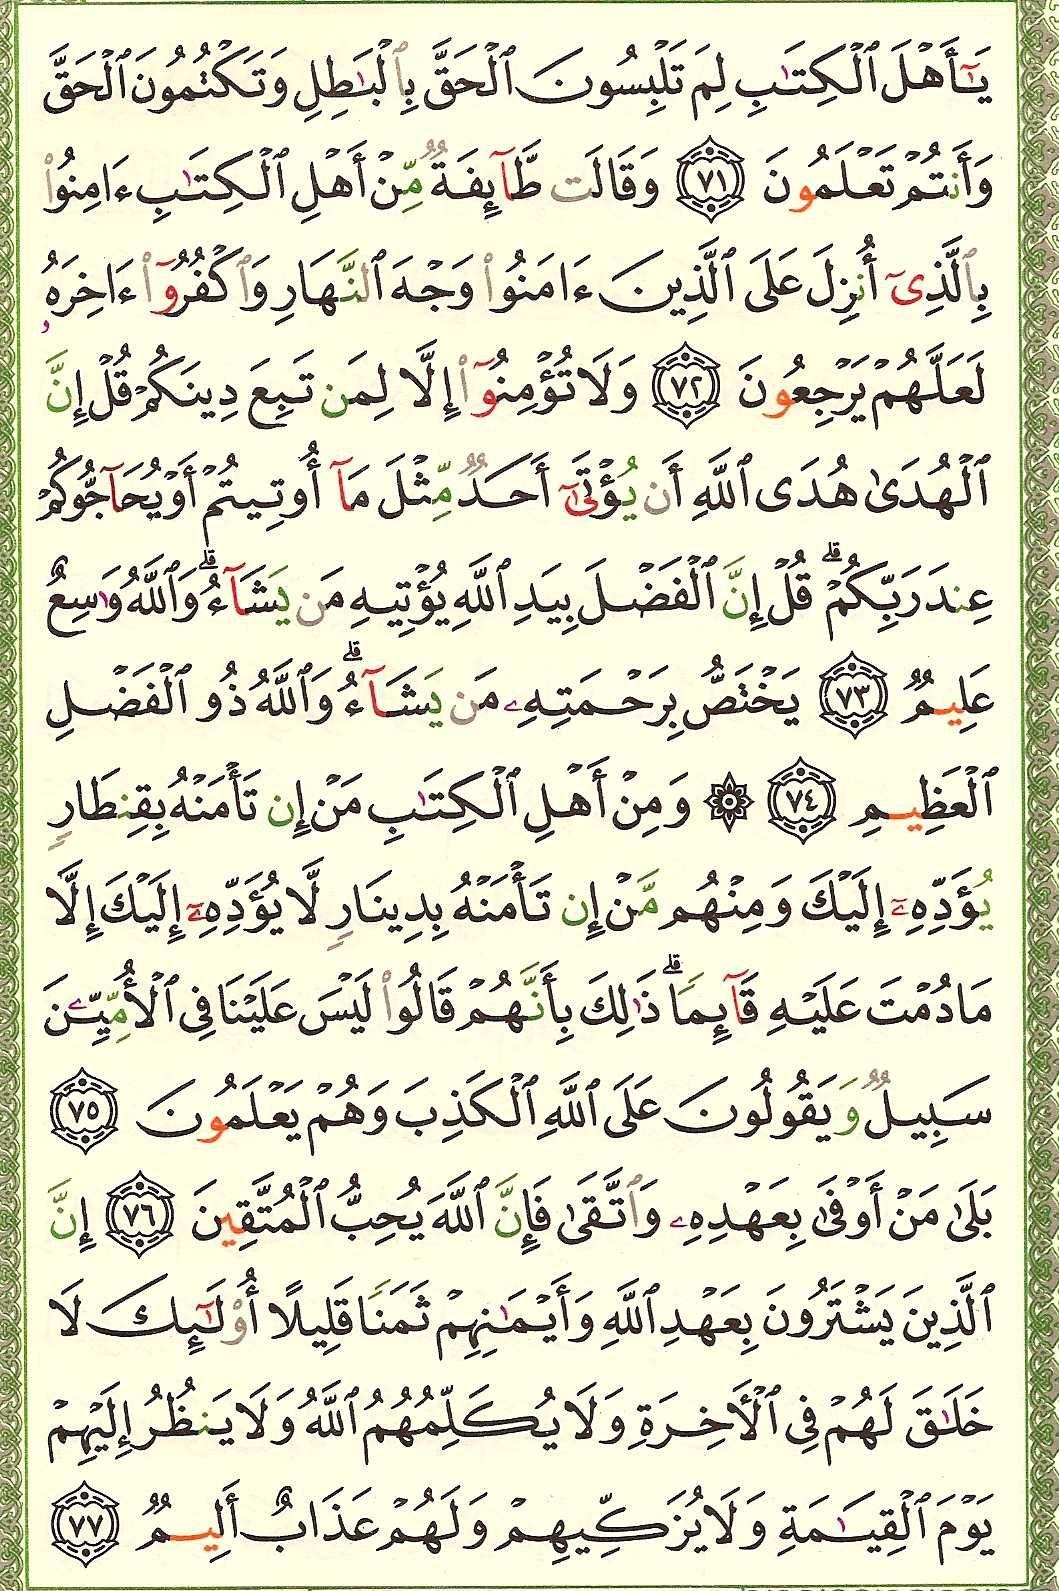 3. سورة آل عمران - Al-Imran مصورة من المصحف الشريف 059